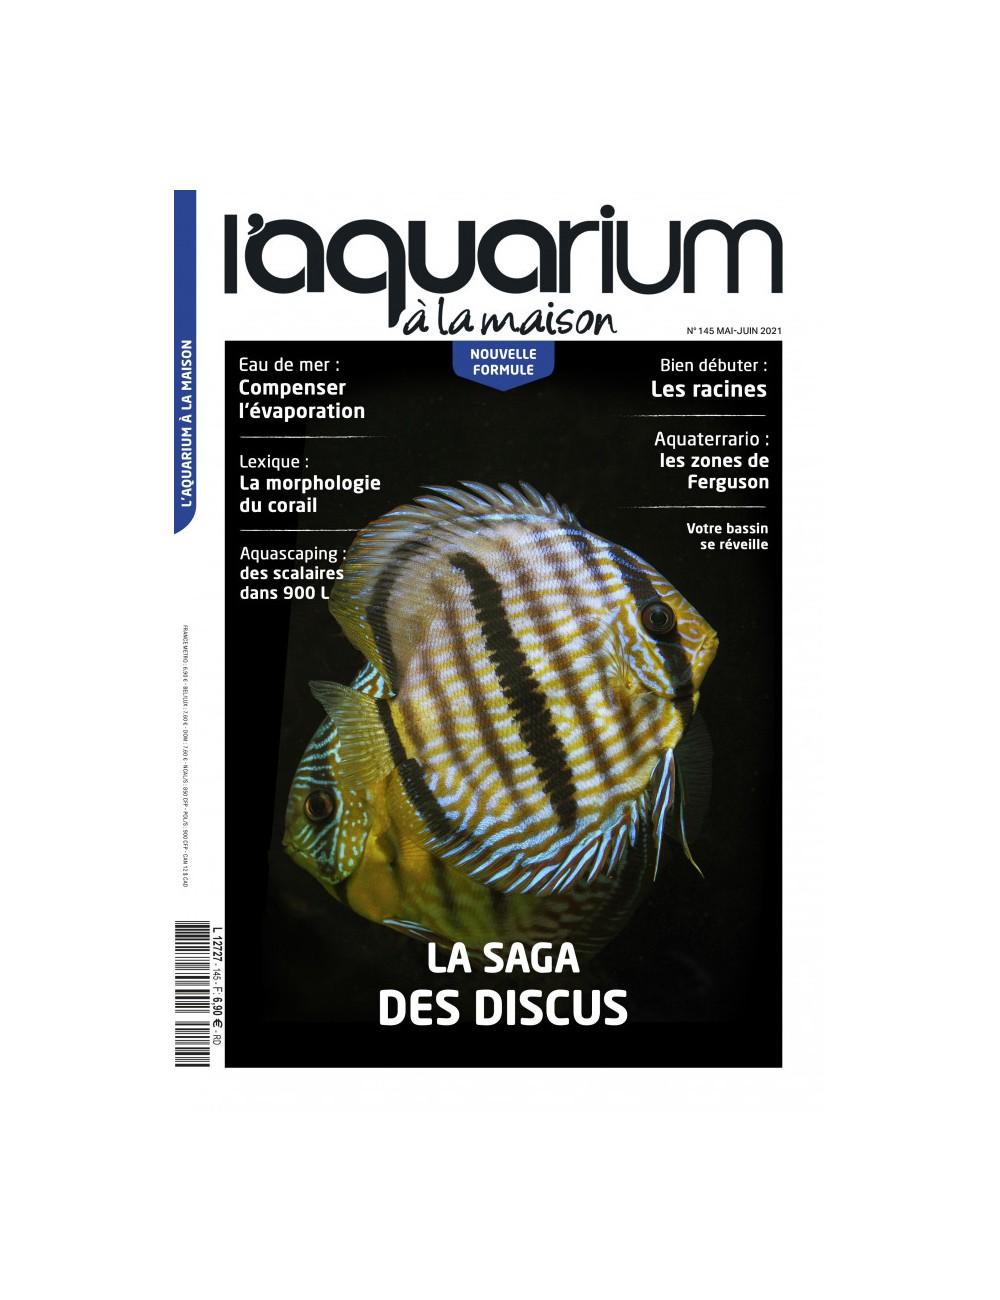 L'Aquarium à la maison - Numéro 145